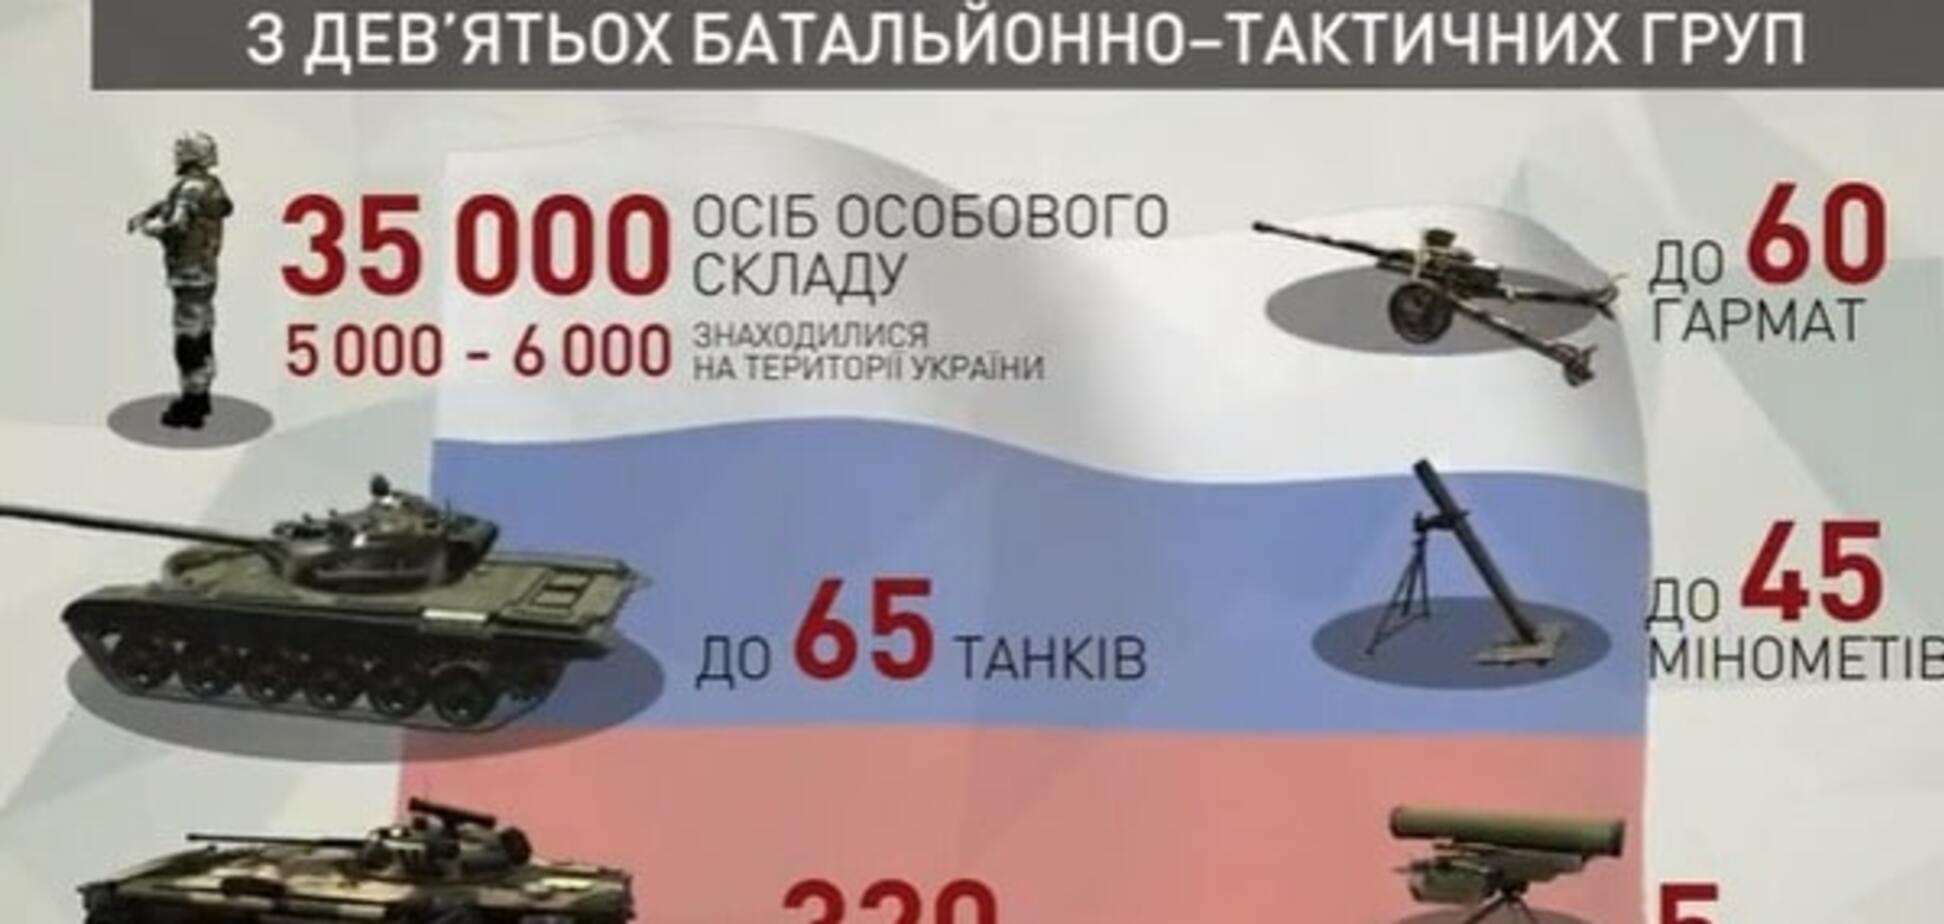 Російська агресія